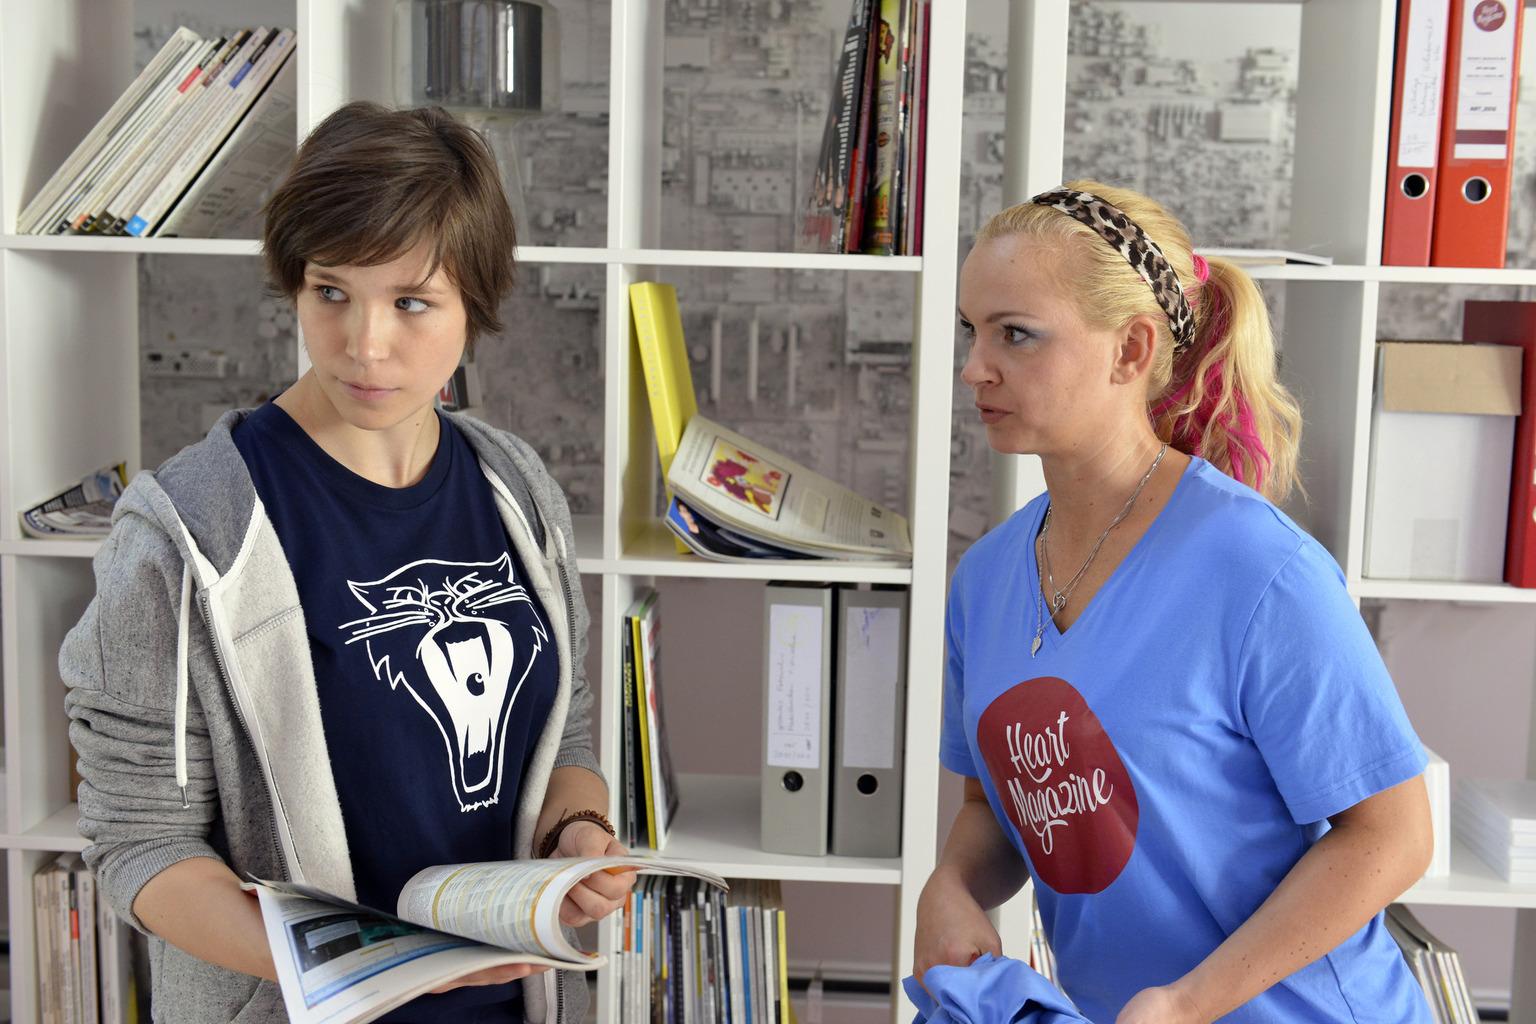 Kann Nadine (Sarah Schindler, r.) die aufgebrachte Kathy (Nika Weckler, l.) beruhigen, damit sie Nils' Abweisung nicht so ernst nimmt? (Quelle: Sat1)